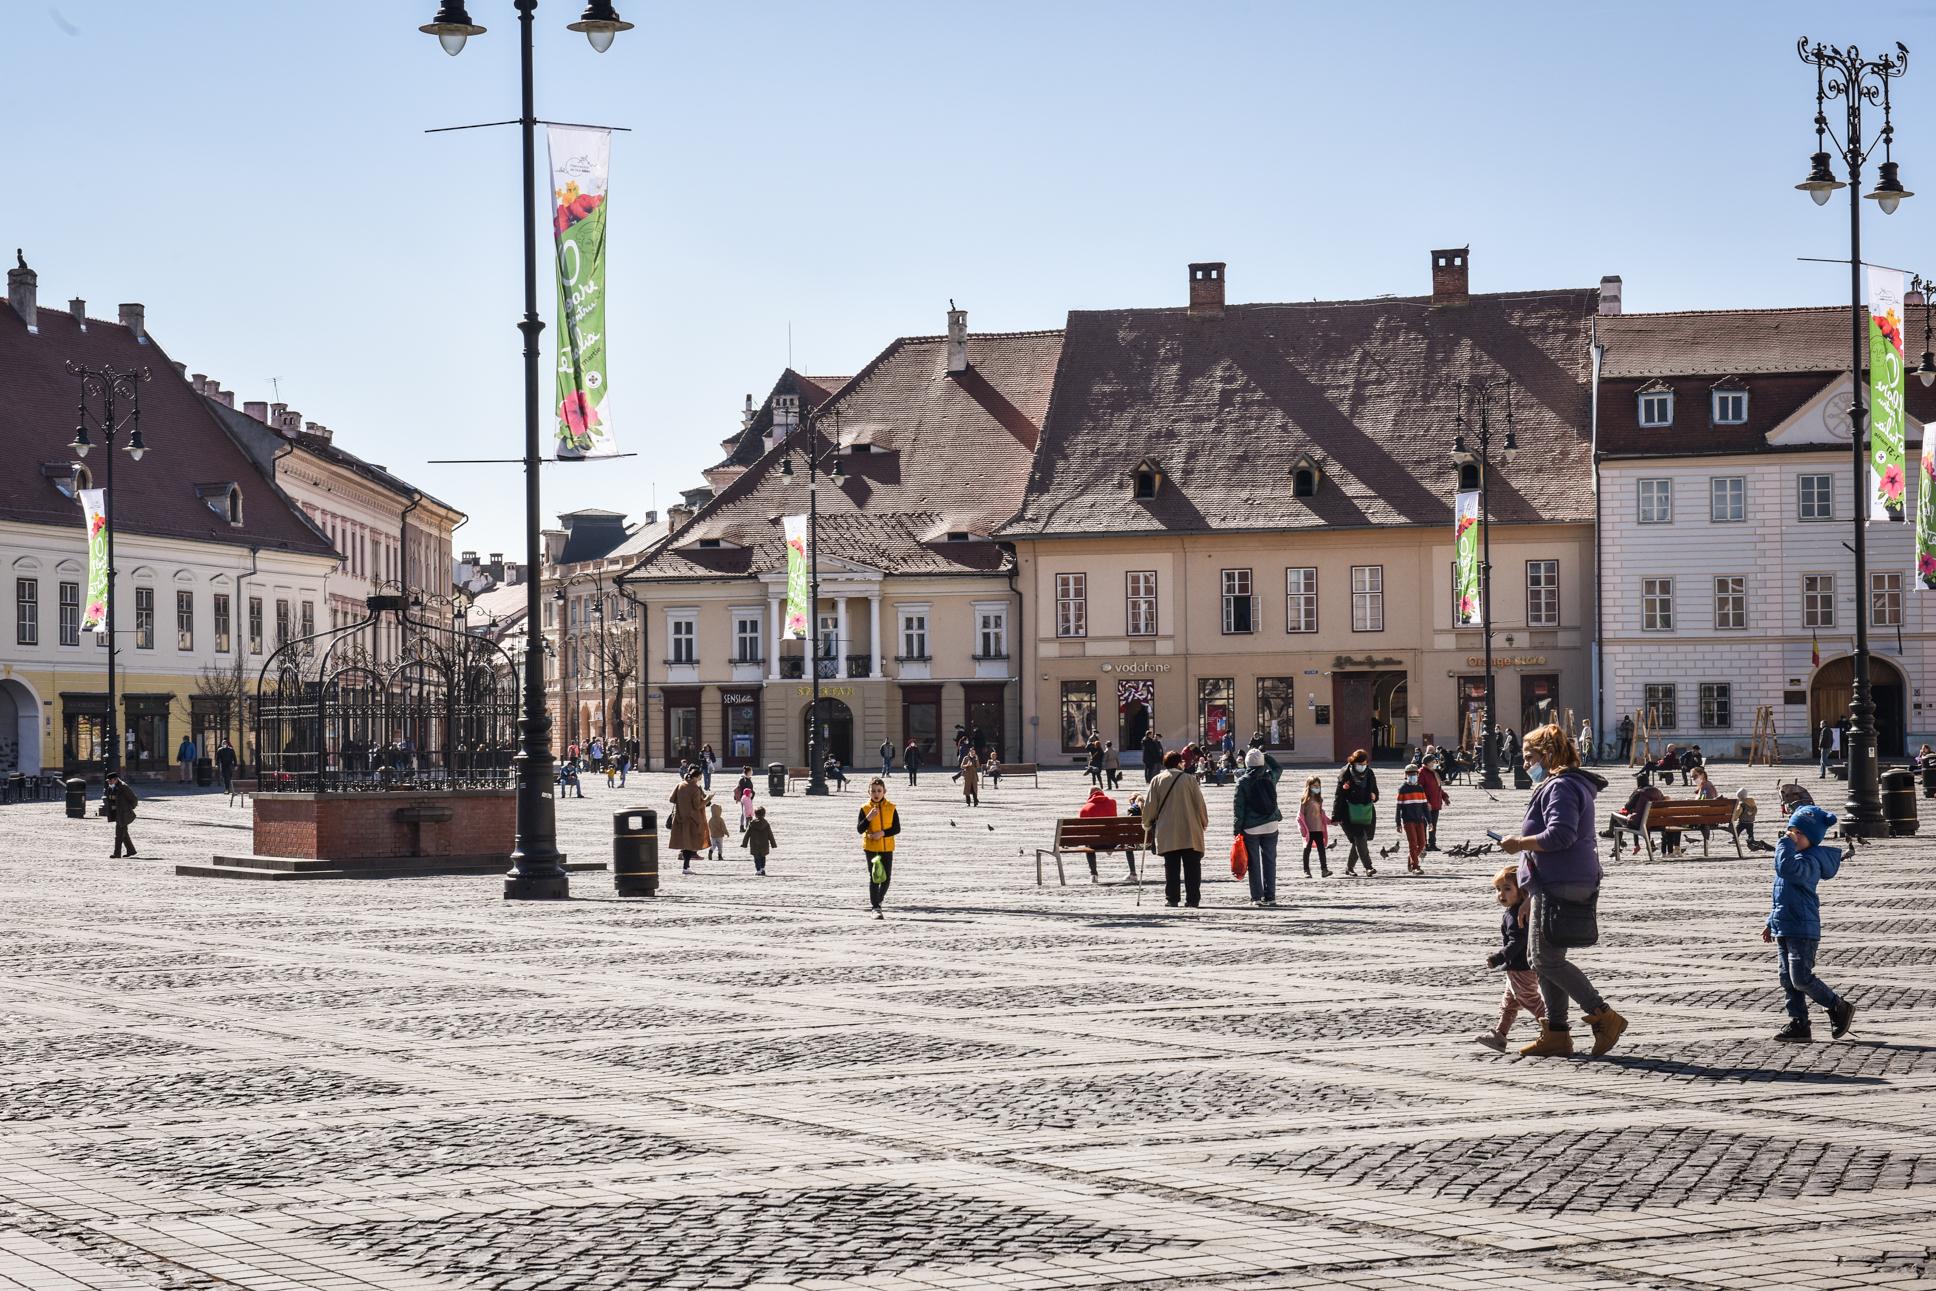 2,89 - incidența în municipiul Sibiu. Situația în fiecare localitate: Şura Mare intră în scenariul roșu